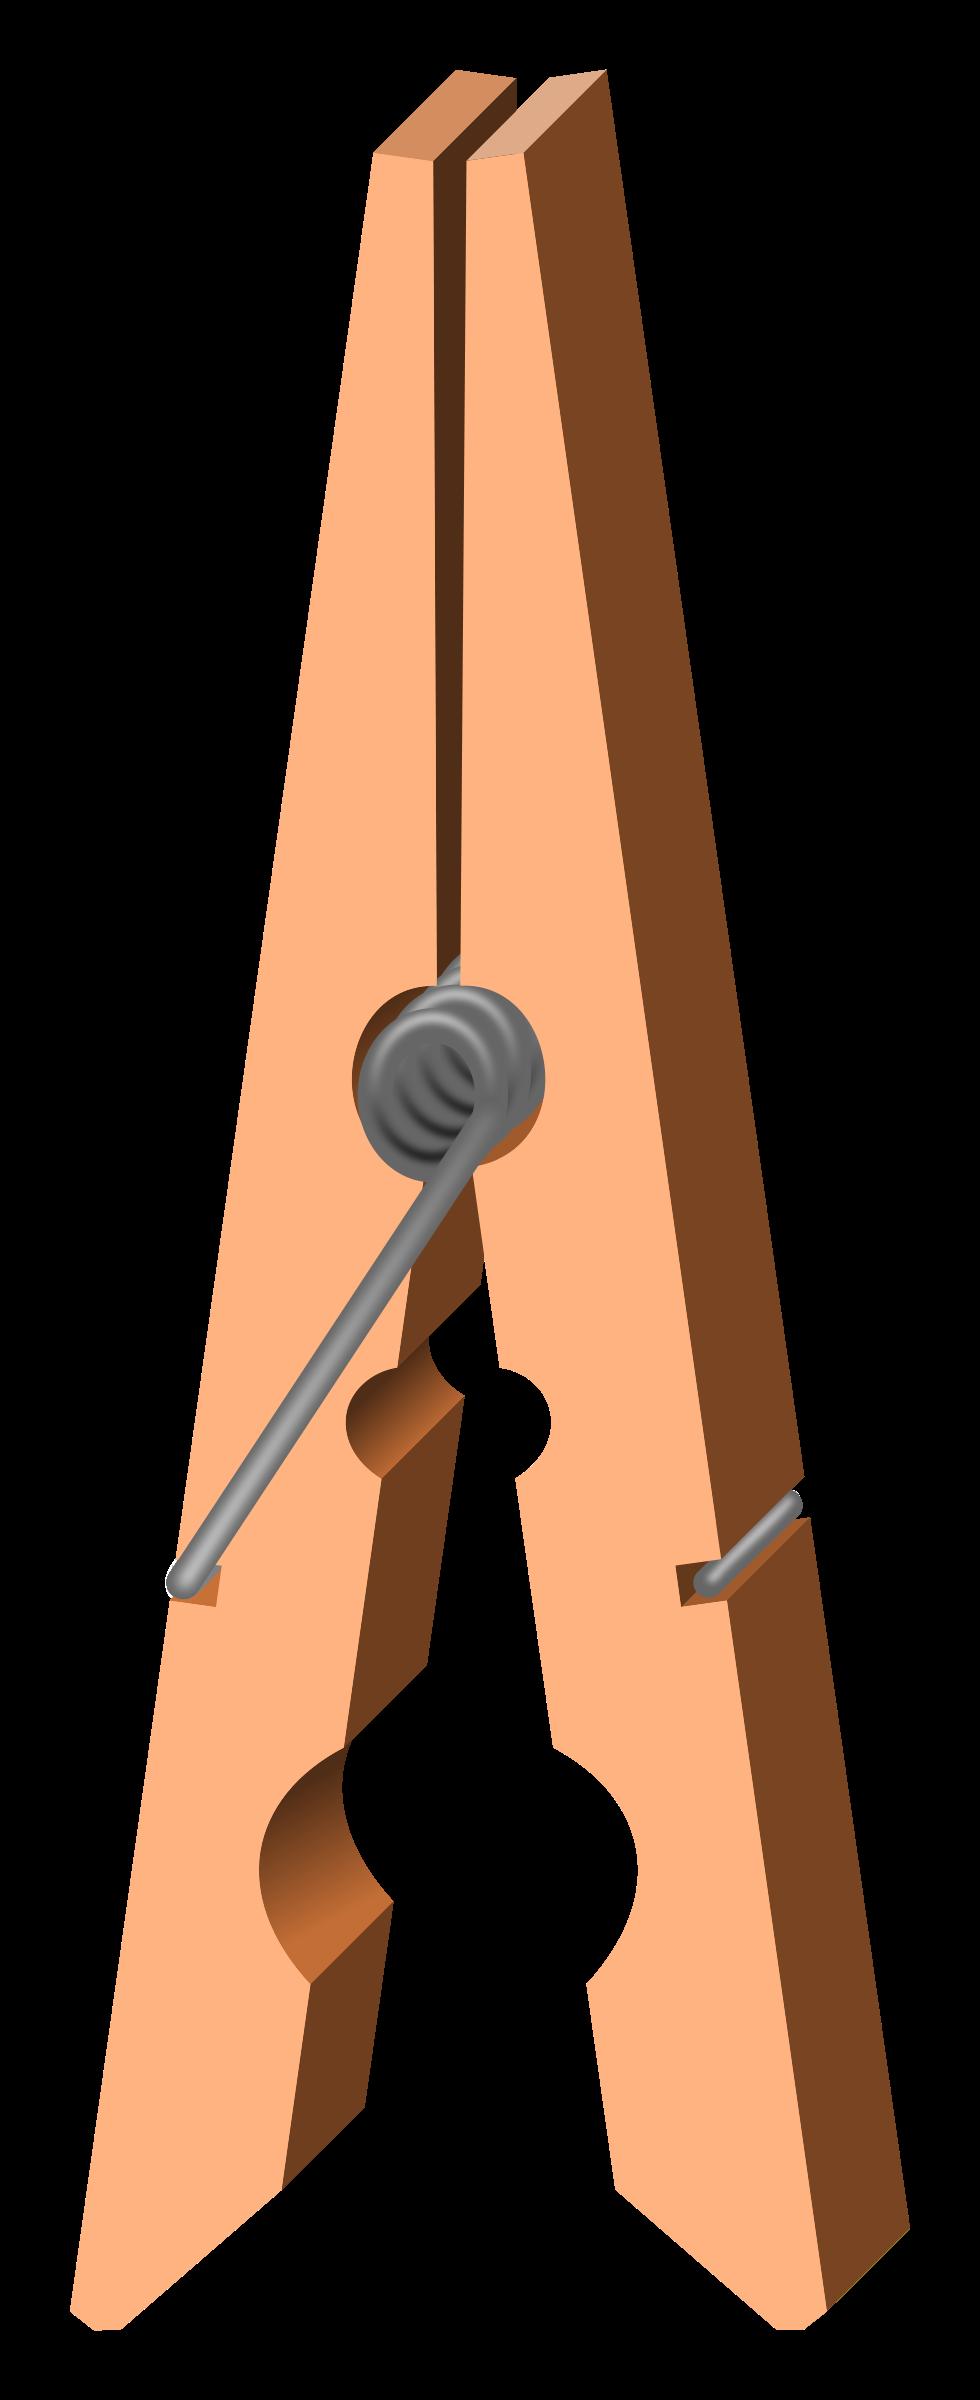 Clothespin Clipart-Clothespin Clipart-8